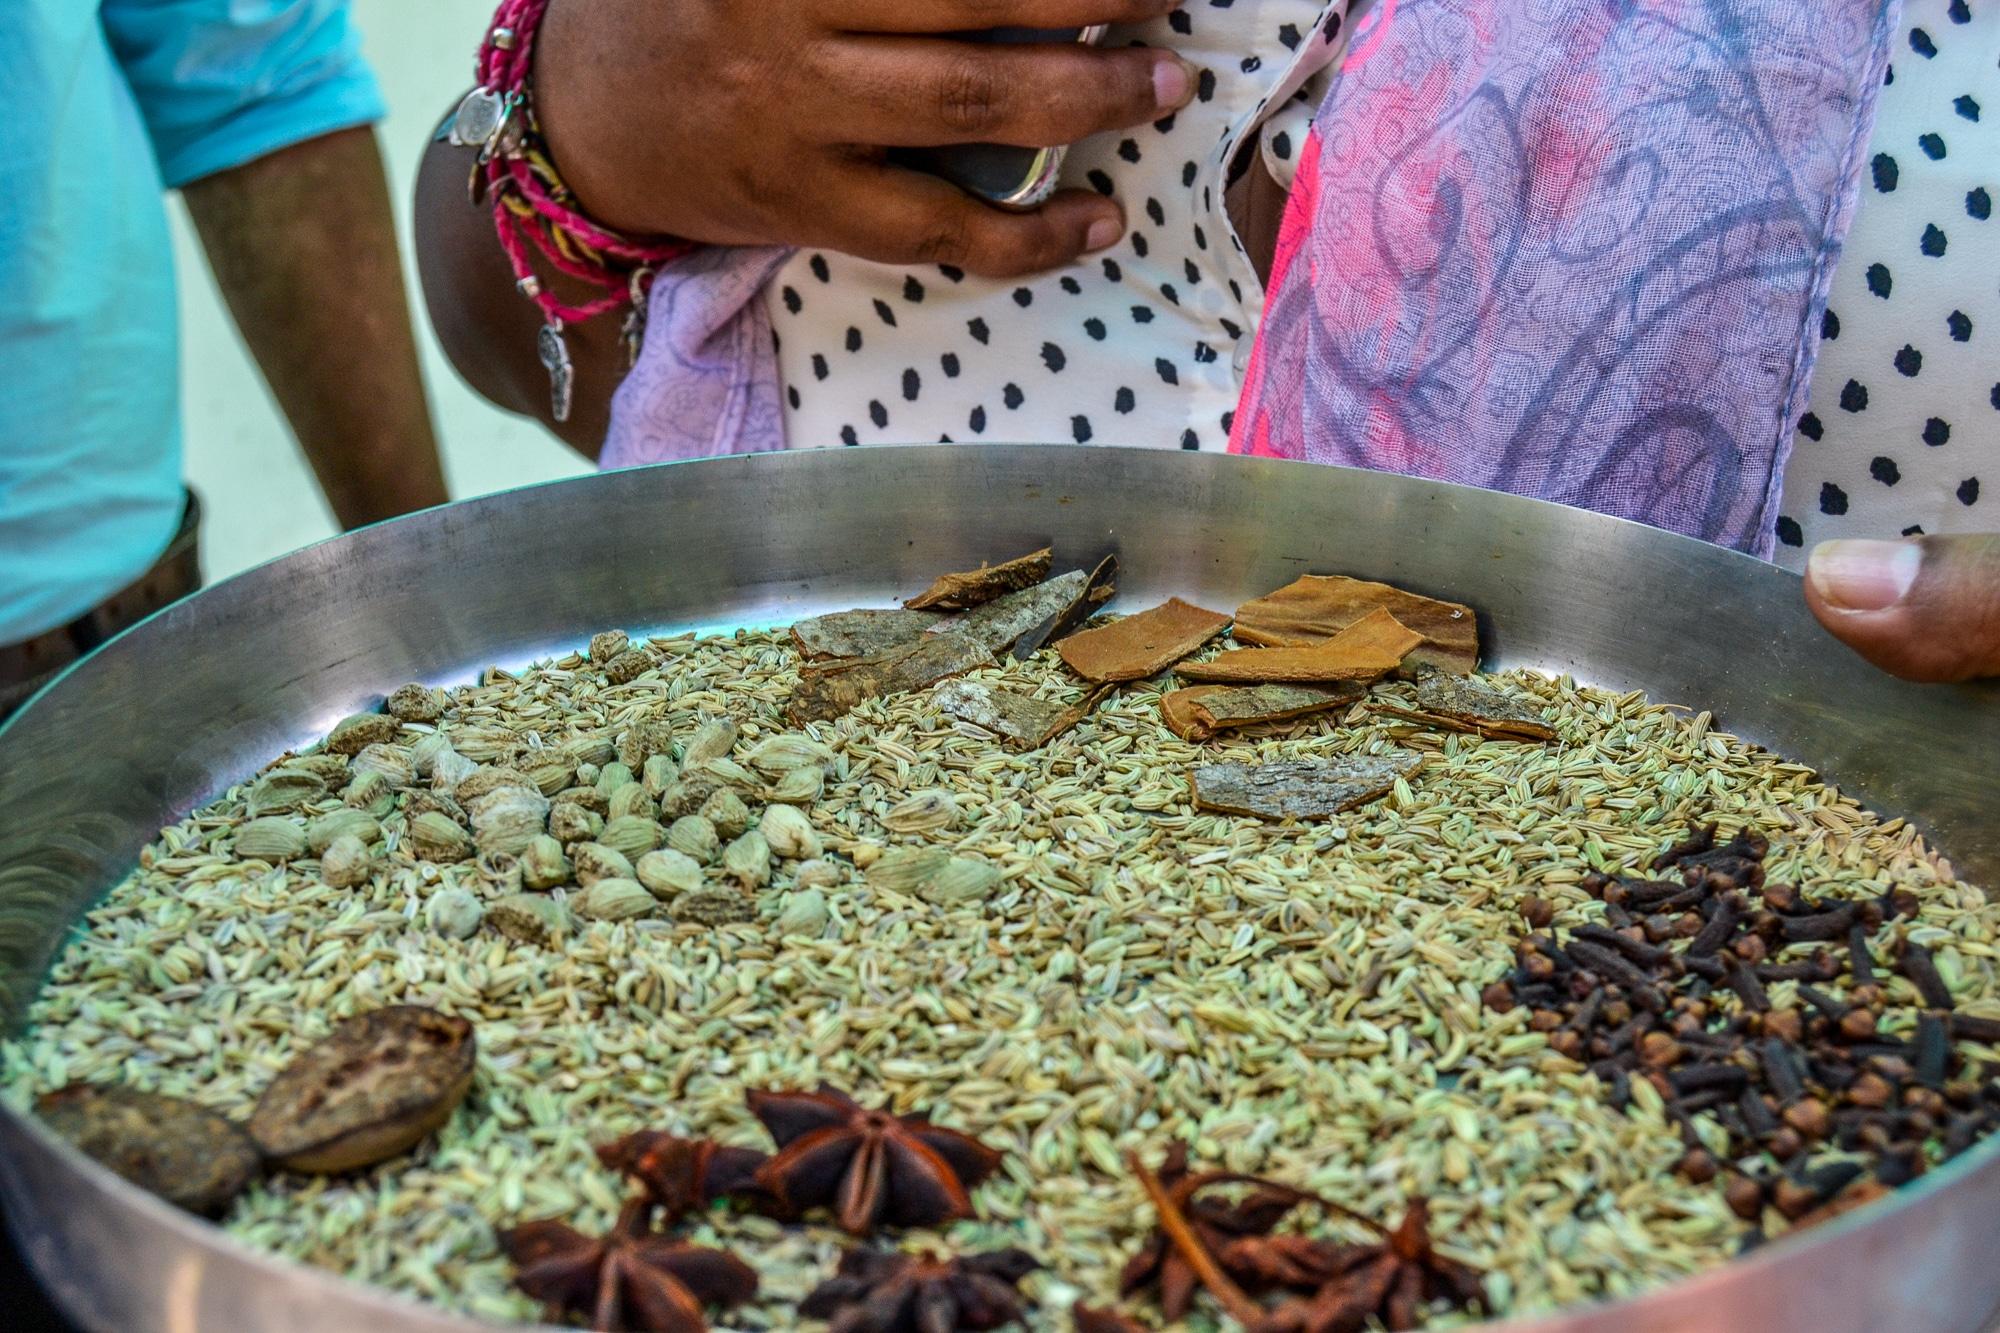 Kerala: Sehenswürdigkeiten, Kultur und Kulinarik im südlichen Indien - Gewürze